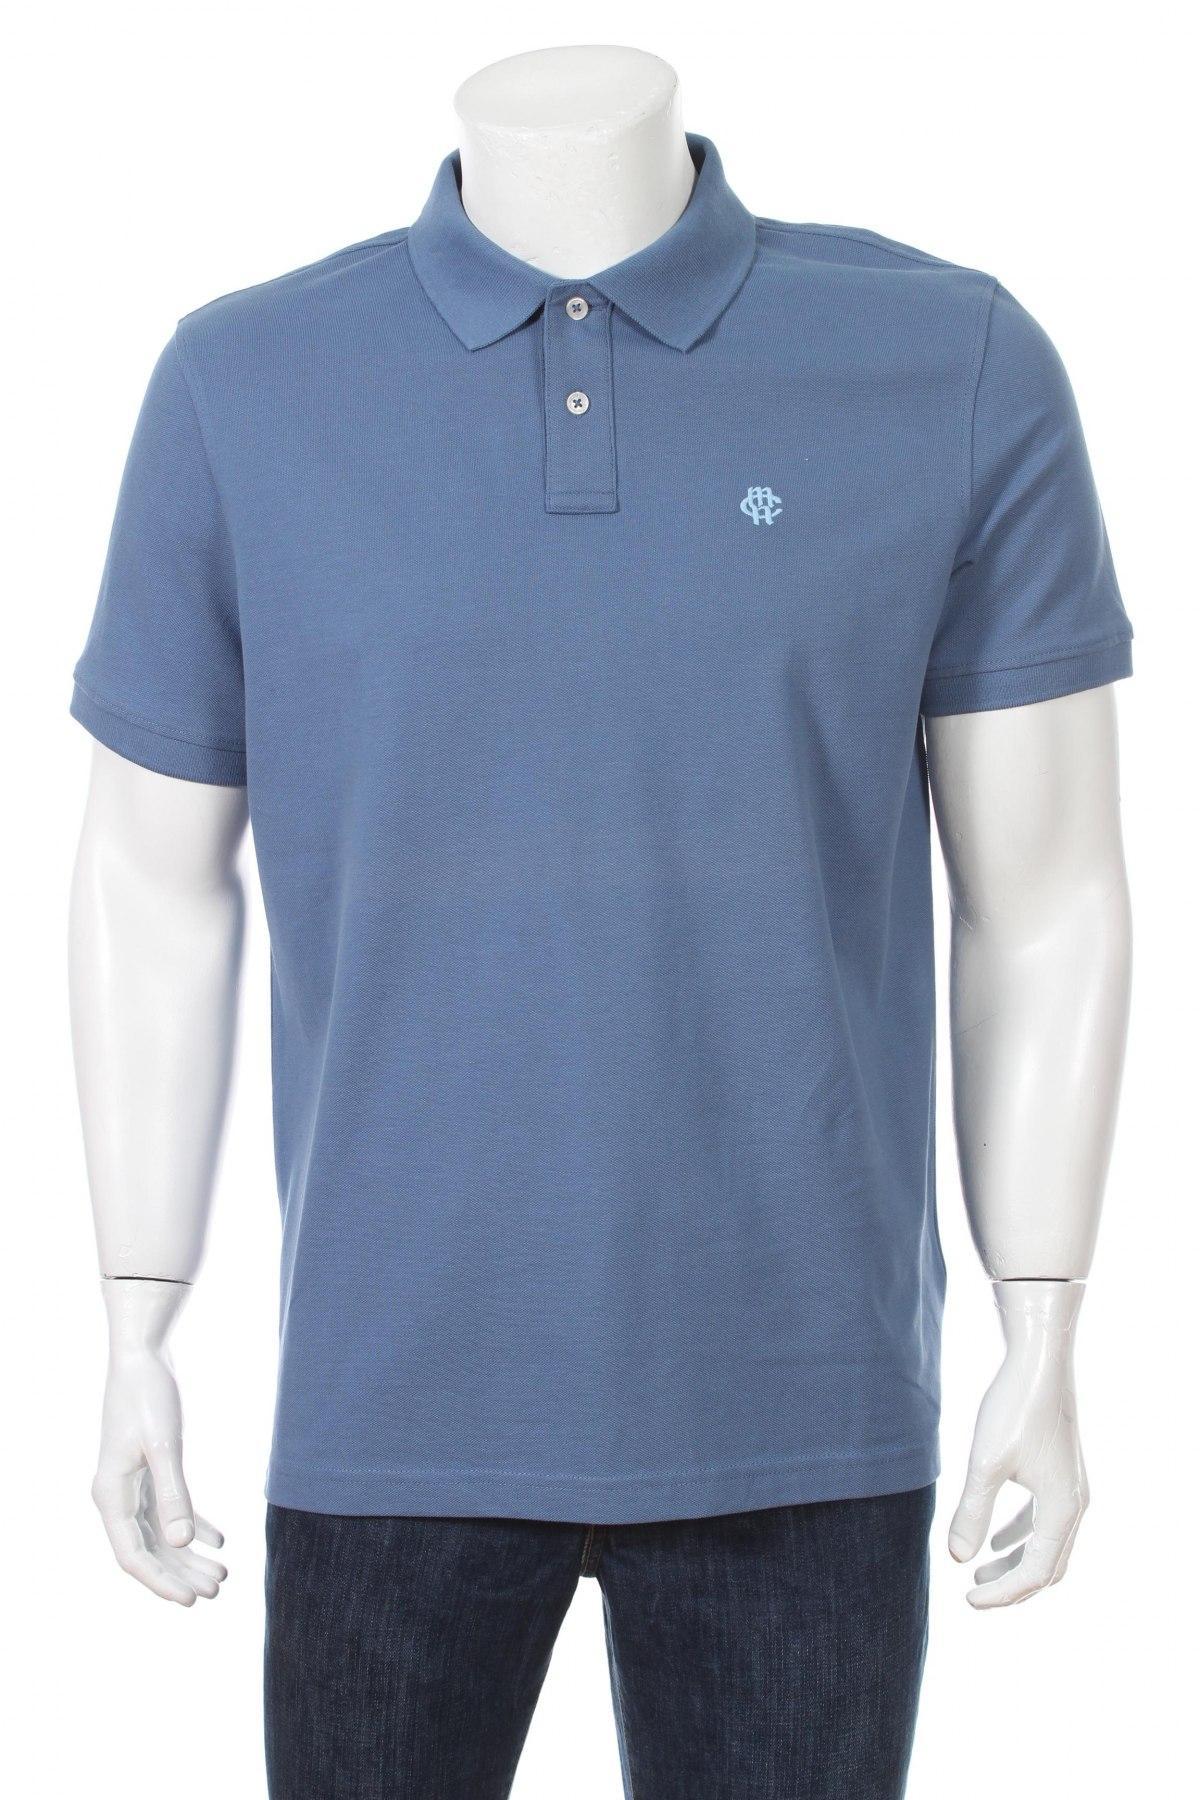 89b7918fa3f7 Pánske oblečenie - blúzky